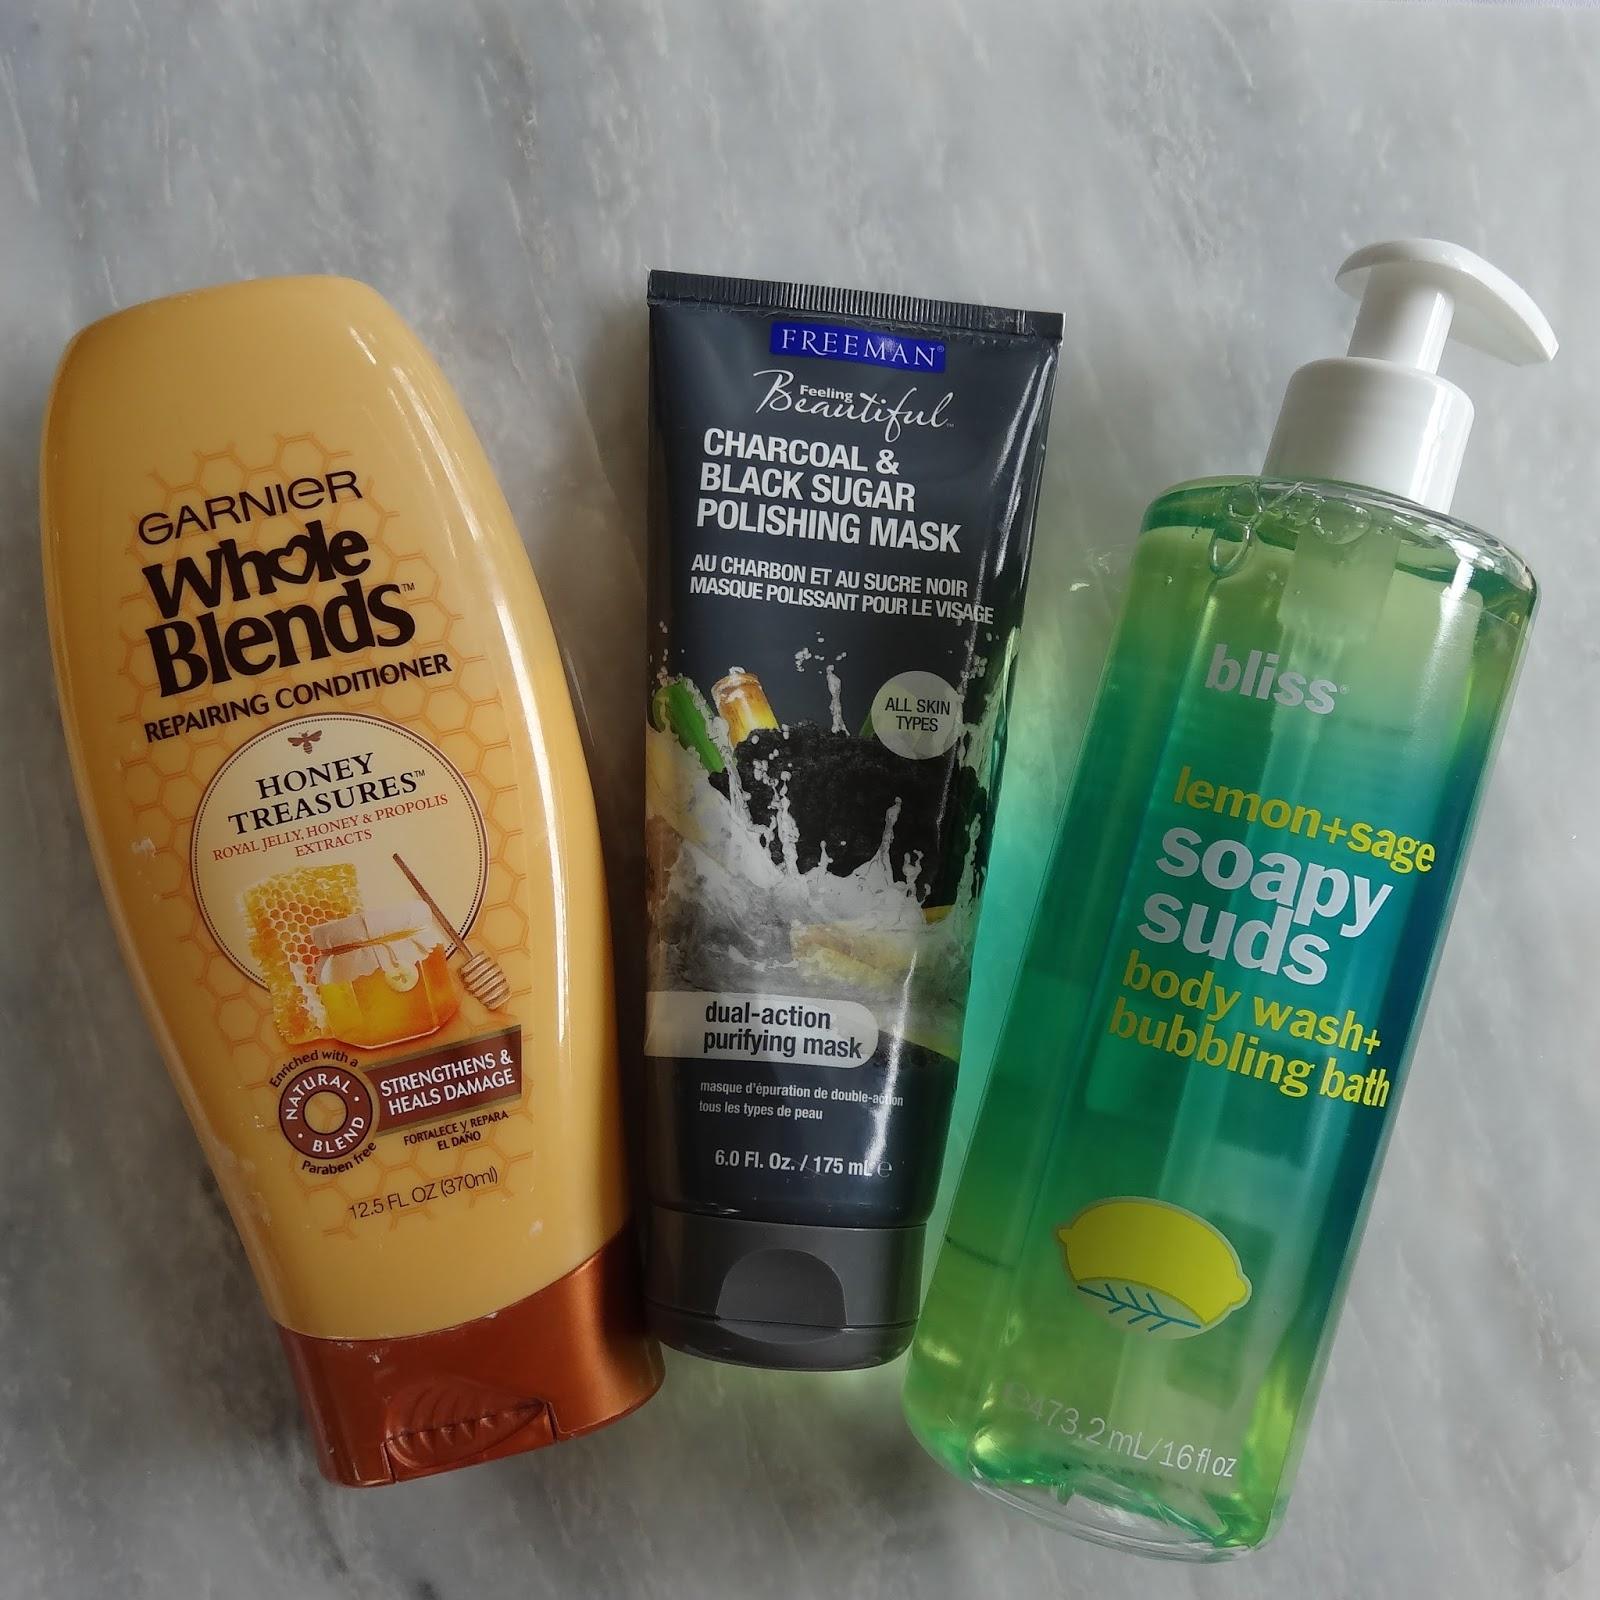 Paraben Free skincare